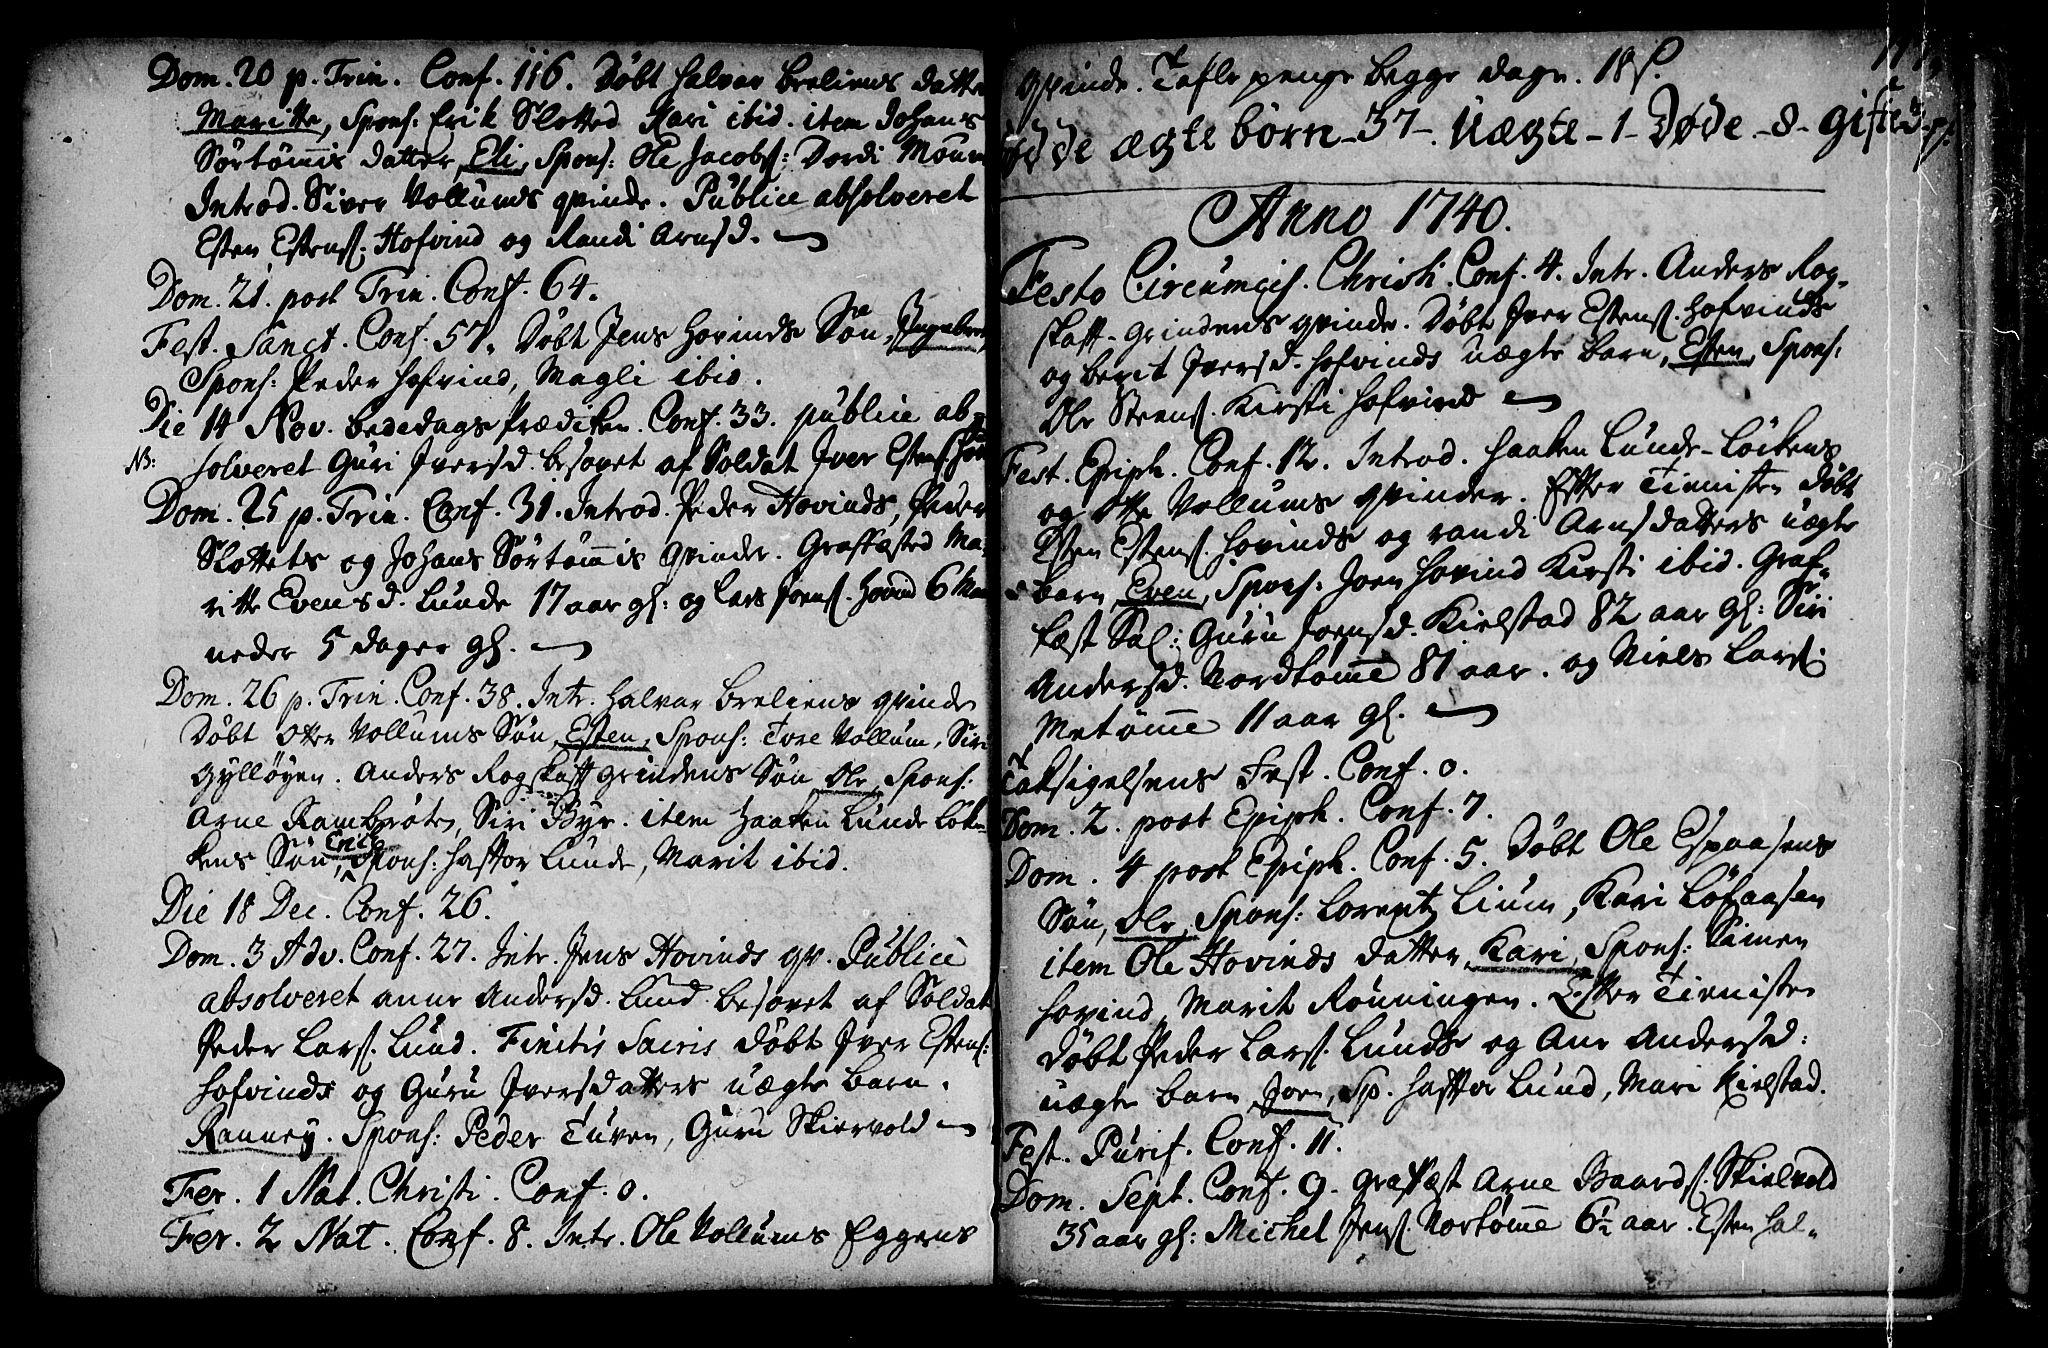 SAT, Ministerialprotokoller, klokkerbøker og fødselsregistre - Sør-Trøndelag, 692/L1101: Ministerialbok nr. 692A01, 1690-1746, s. 117